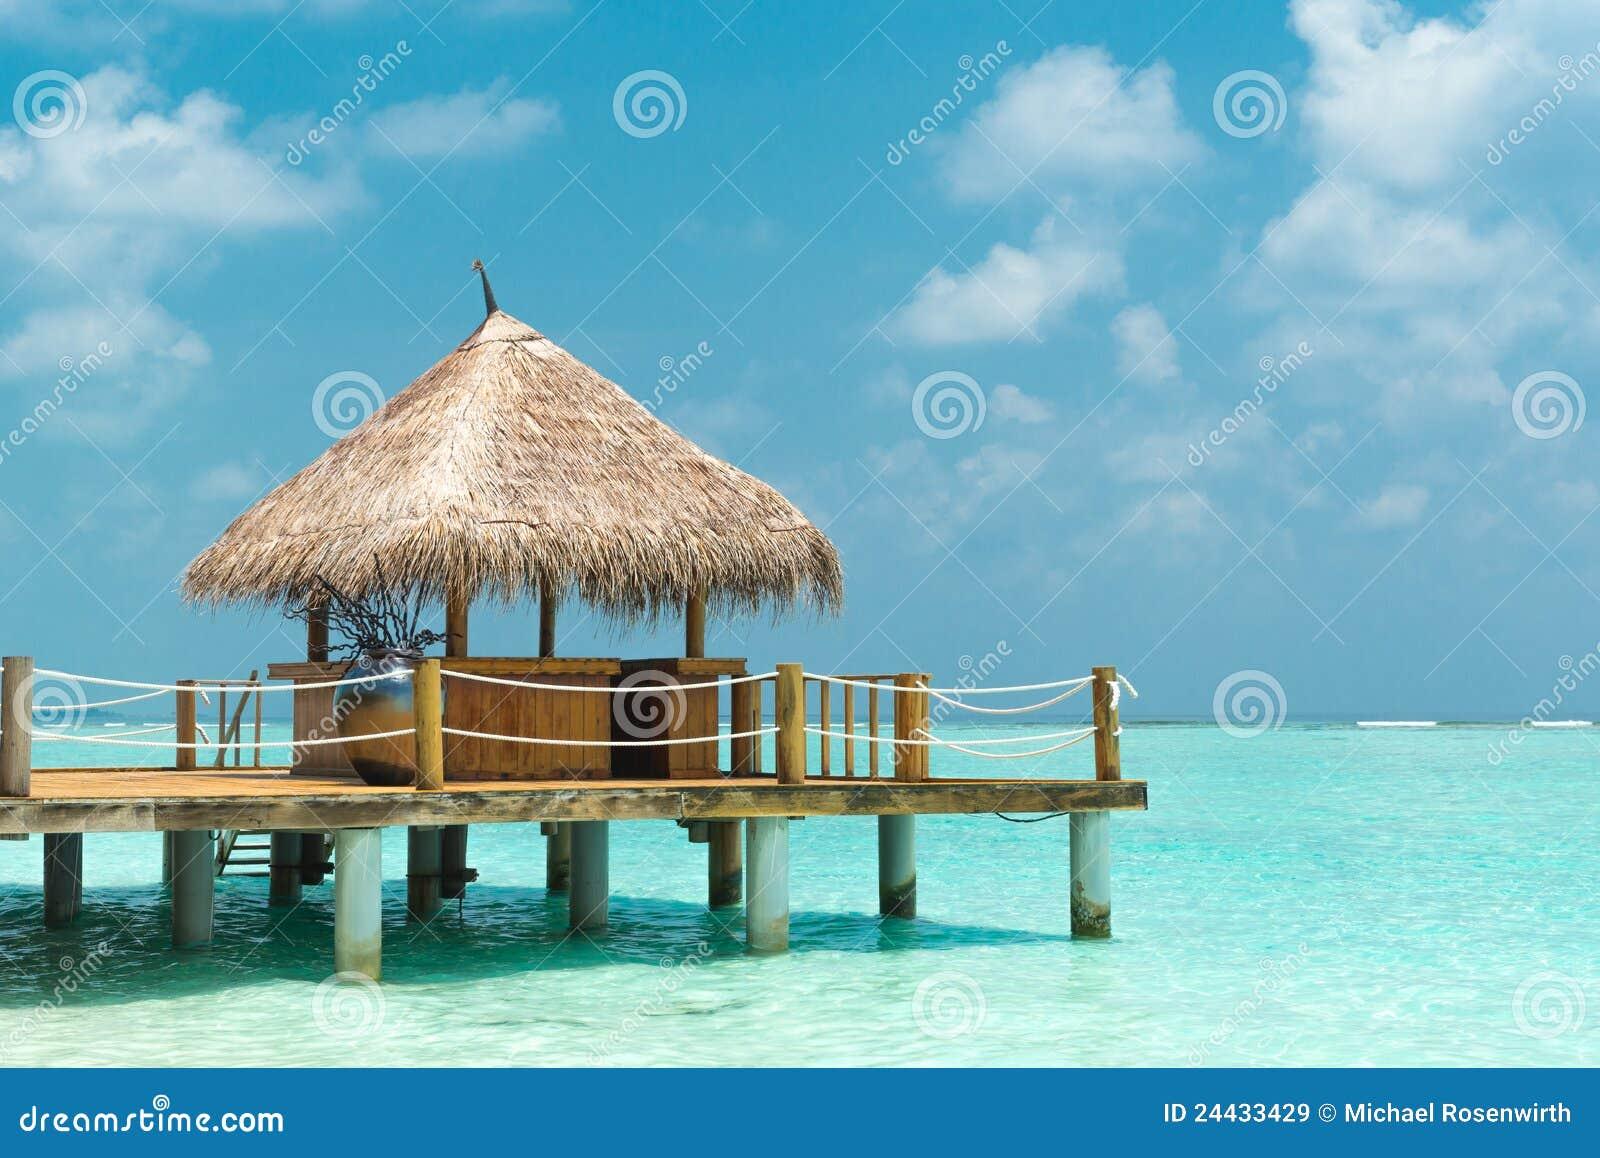 Cabane de plage images libres de droits image 24433429 for Cabane de plage pour jardin